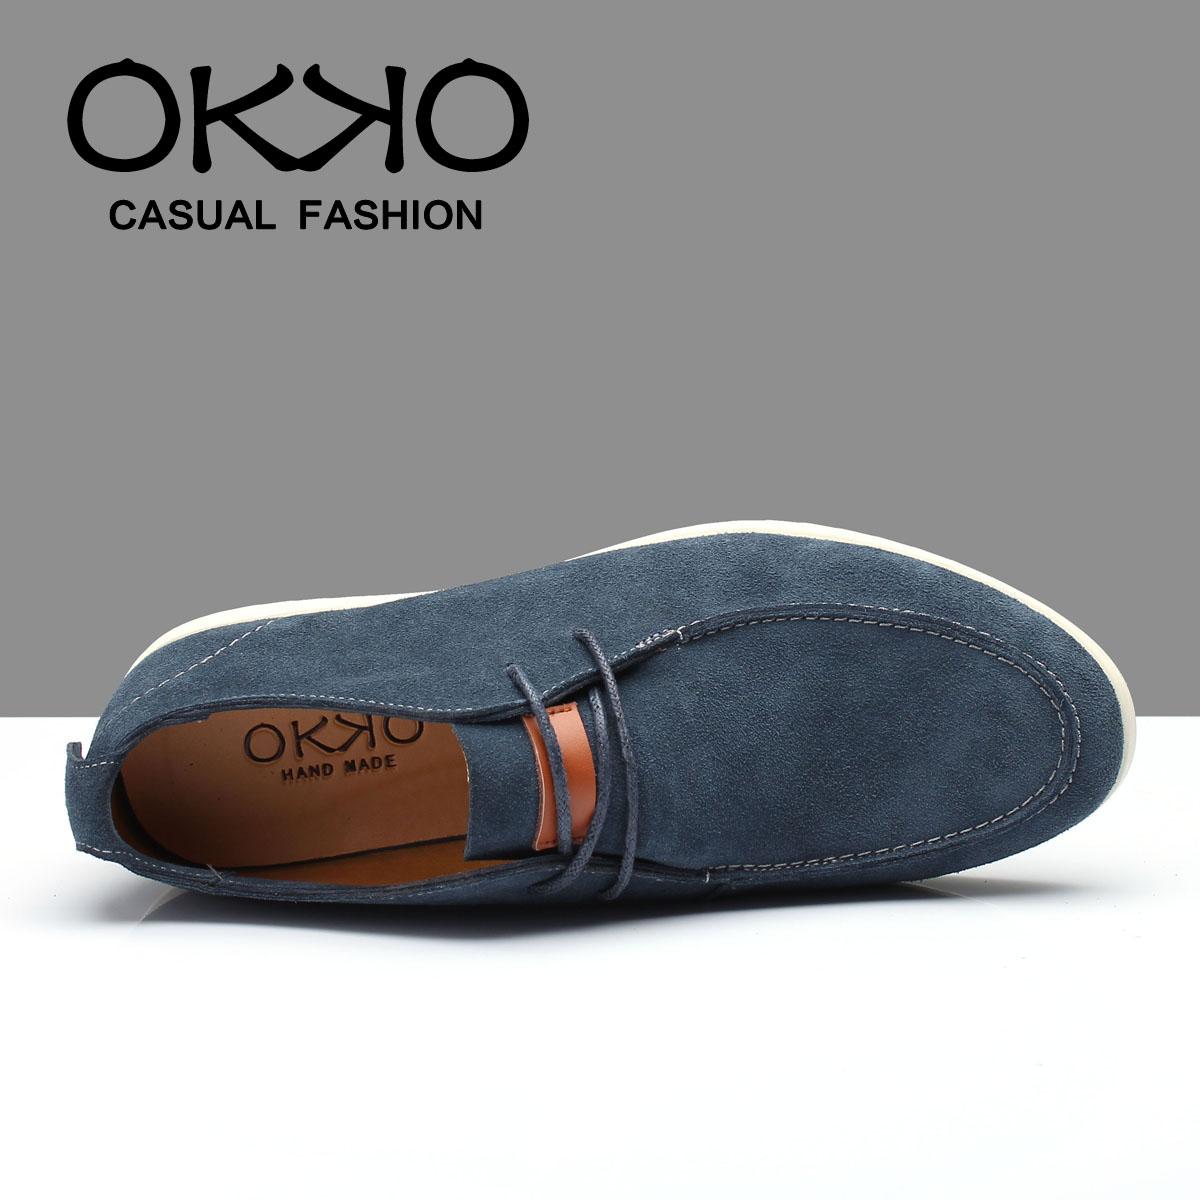 Демисезонные ботинки Okko K33 Обувь на тонкой подошве ( для скейтборда ) Для отдыха Двухслойная натуральная кожа Острый носок Шнурок Весна и осень